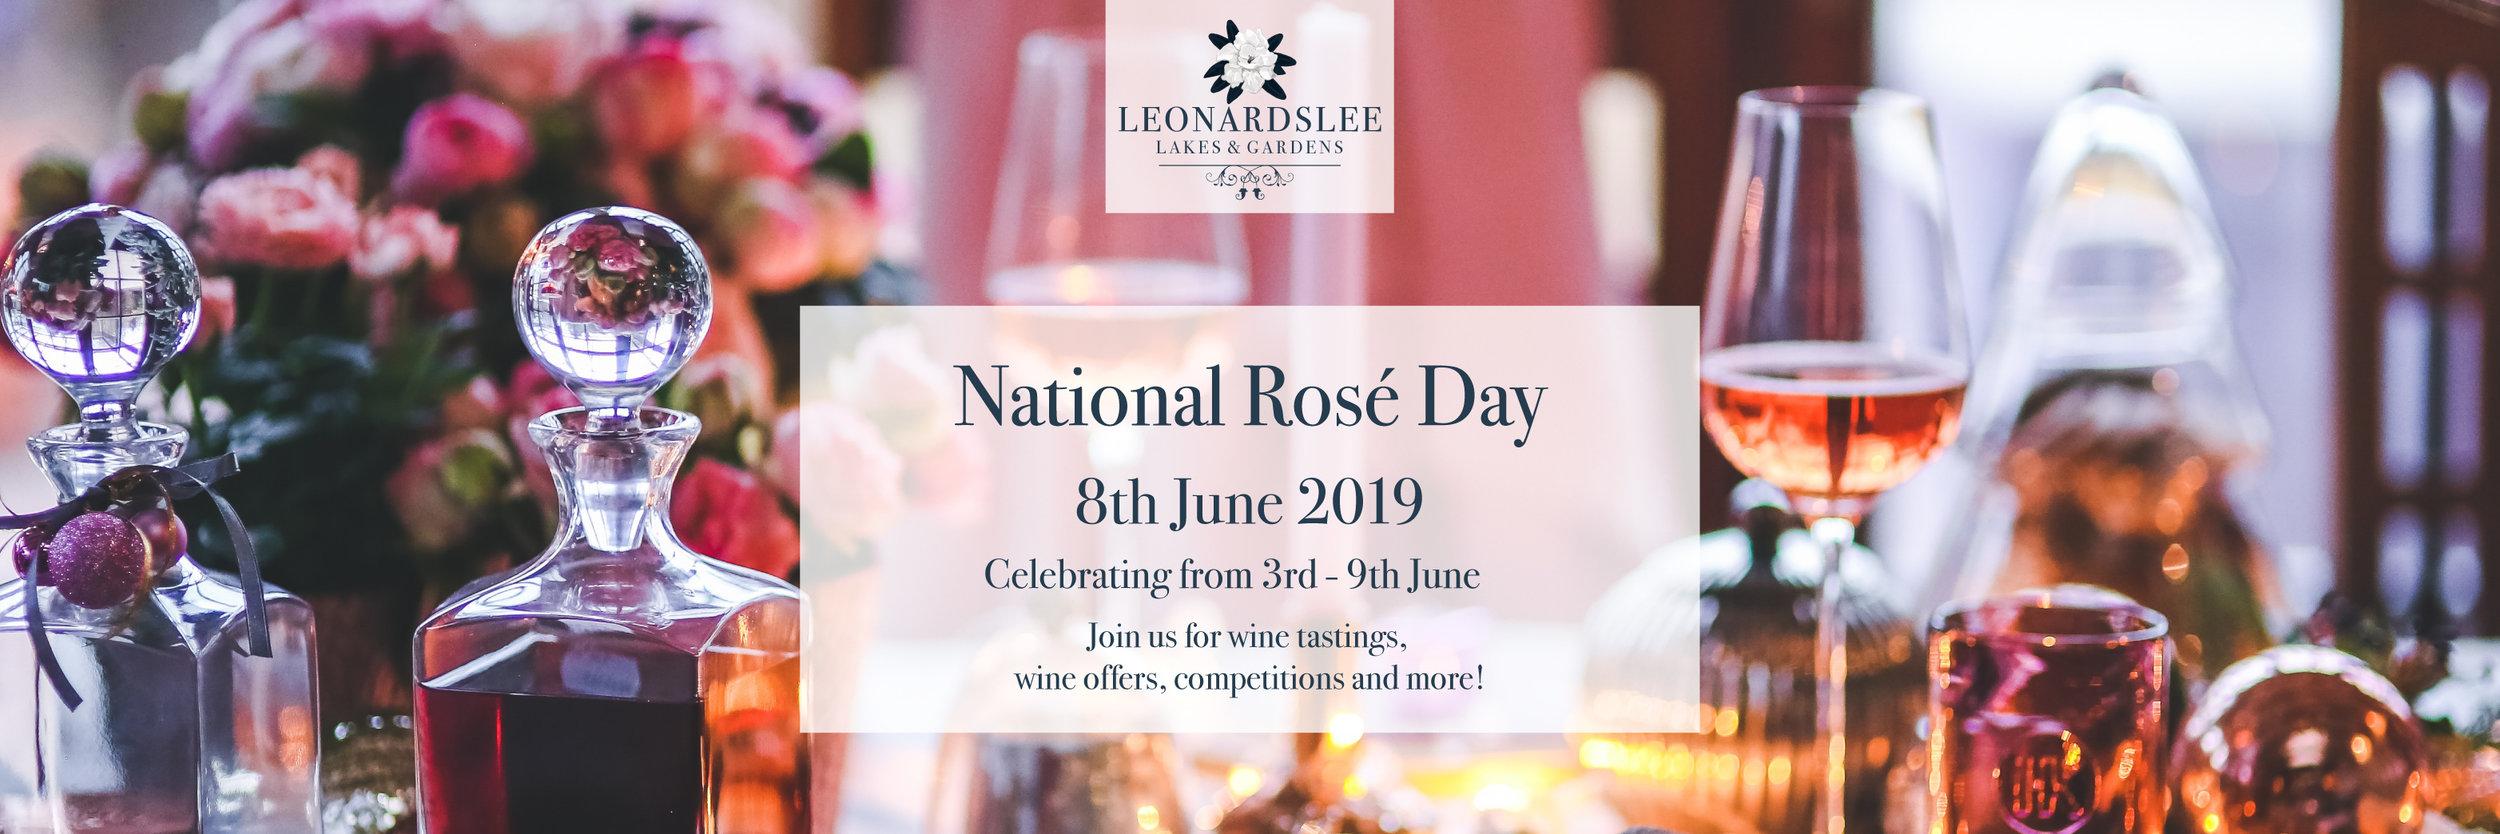 National Rosé Day at Leonardslee.jpg